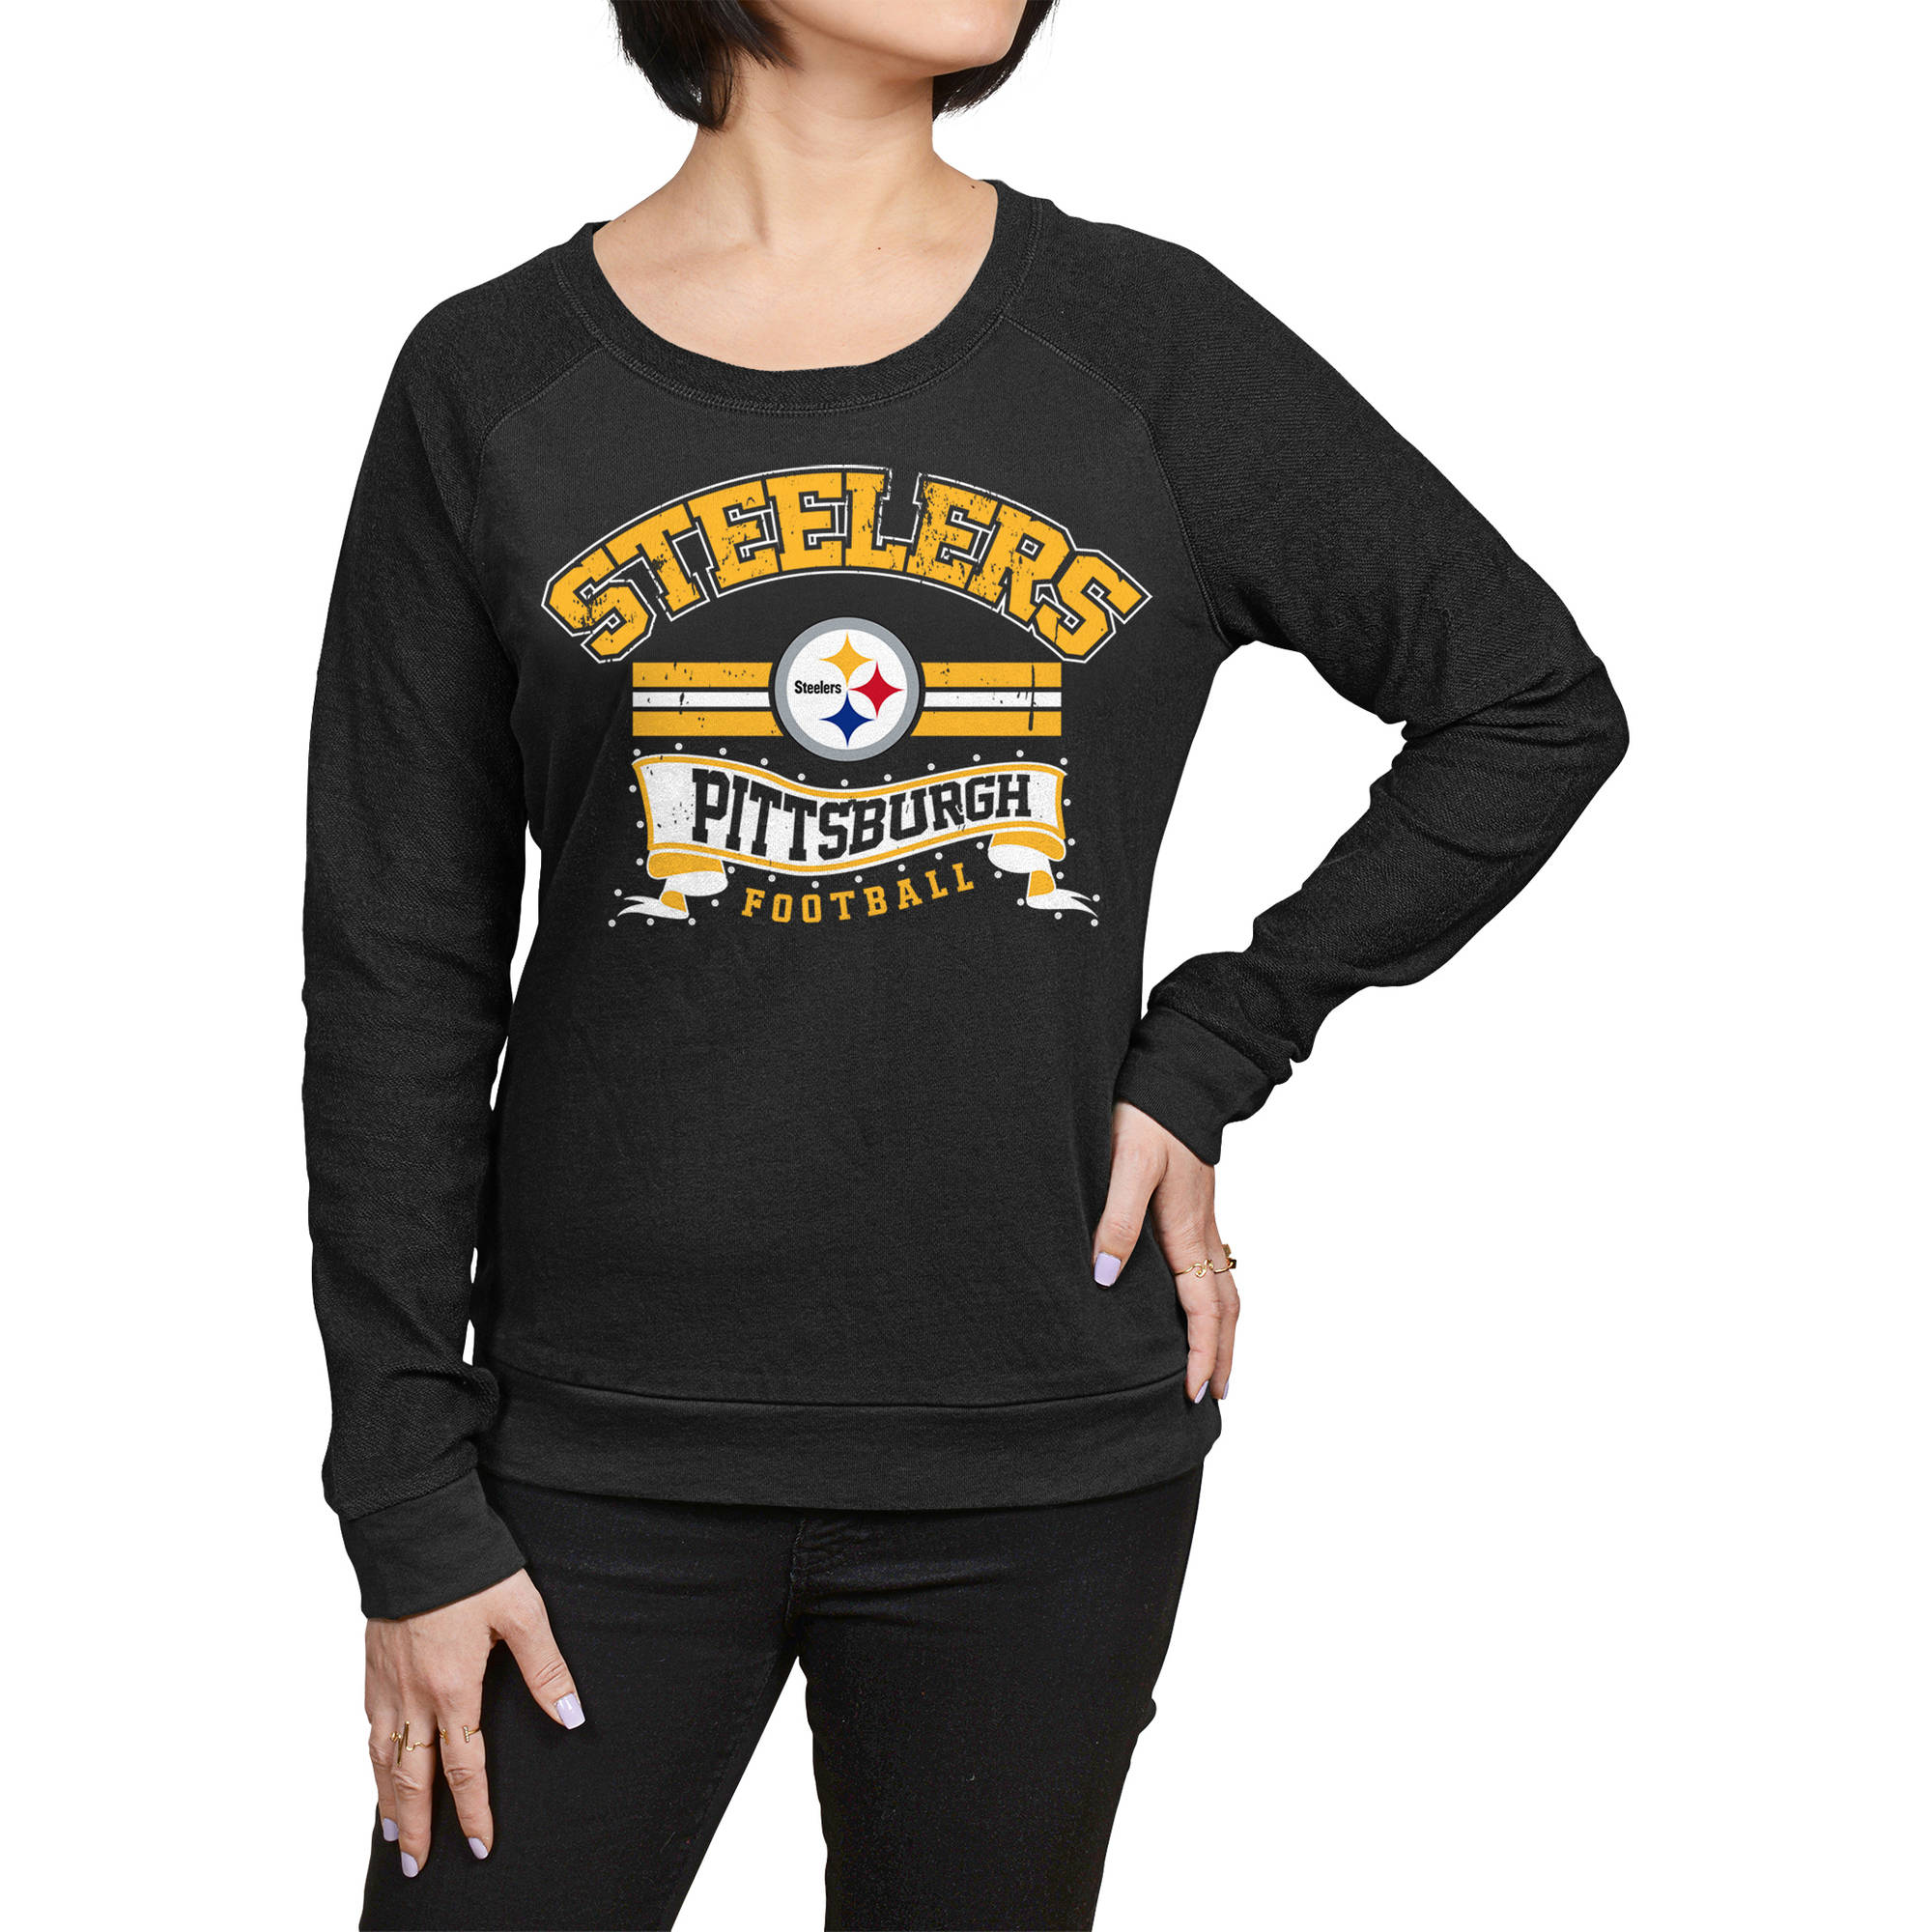 NFL Pittsburgh Steelers Juniors Fleece Top